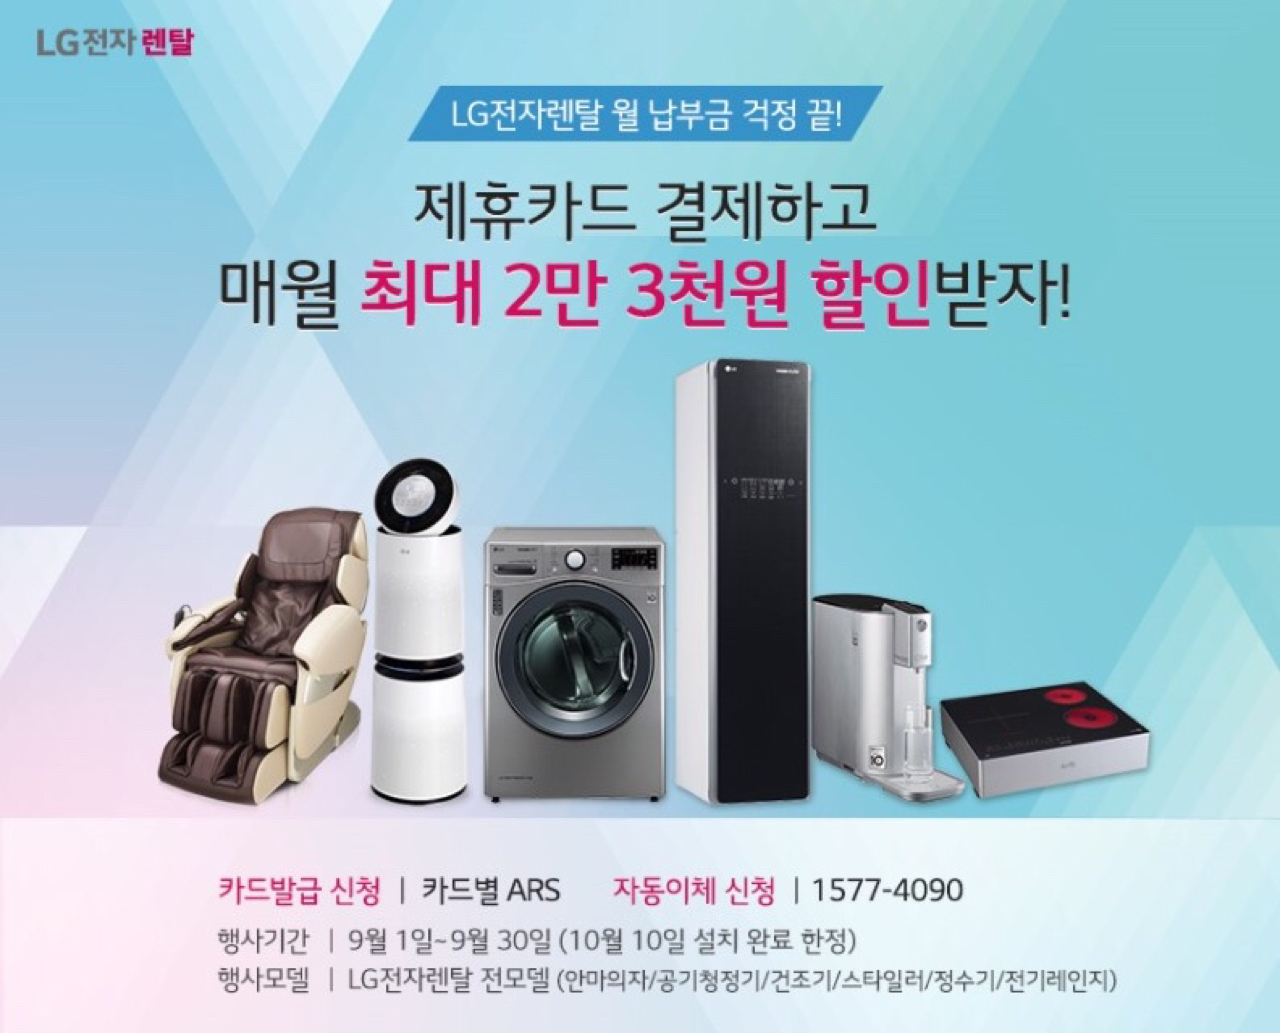 [LG전자렌탈]초기비용0원/1+1선물/현금지원/정수기렌탈료_월11,900원!!